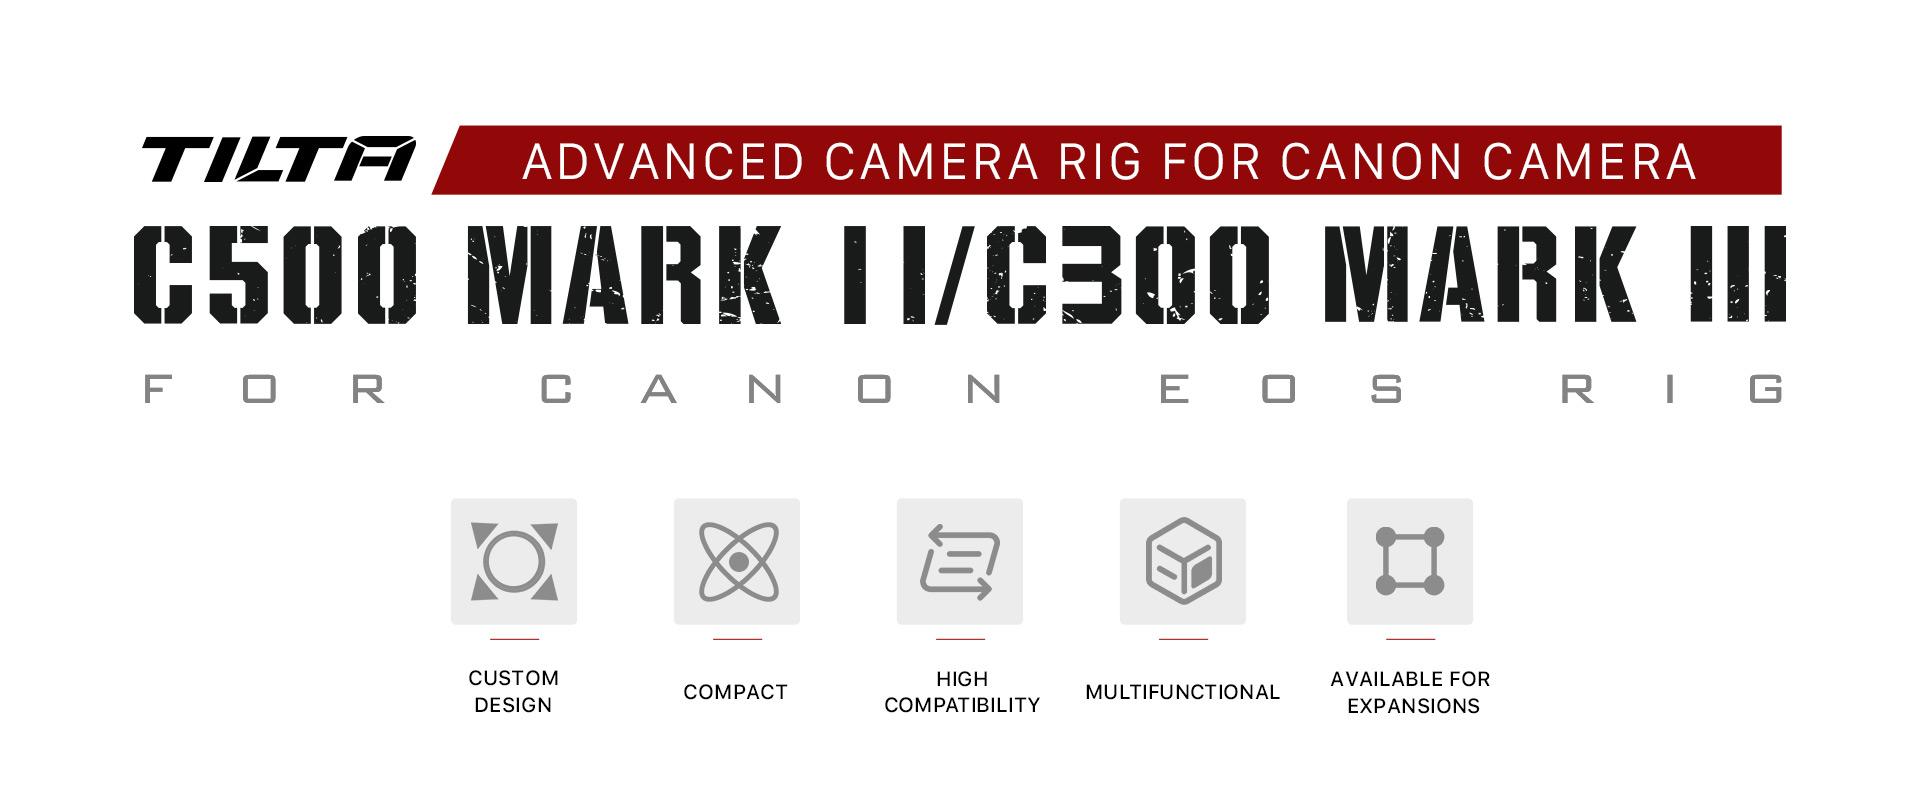 Camera Cage for Canon C500 Mk II/C300 Mk III